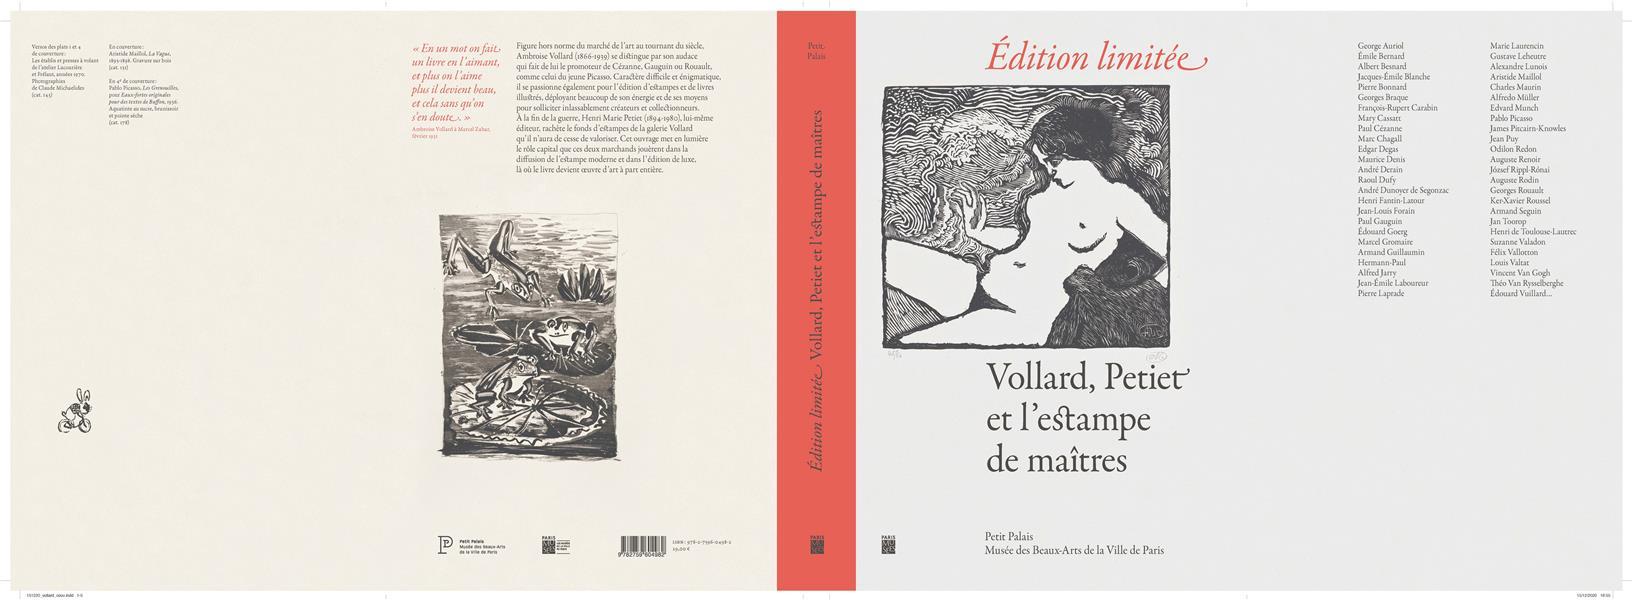 EDITION LIMITEE, VOLLARD, PETIET ET L'ESTAMPE DE MAITRES